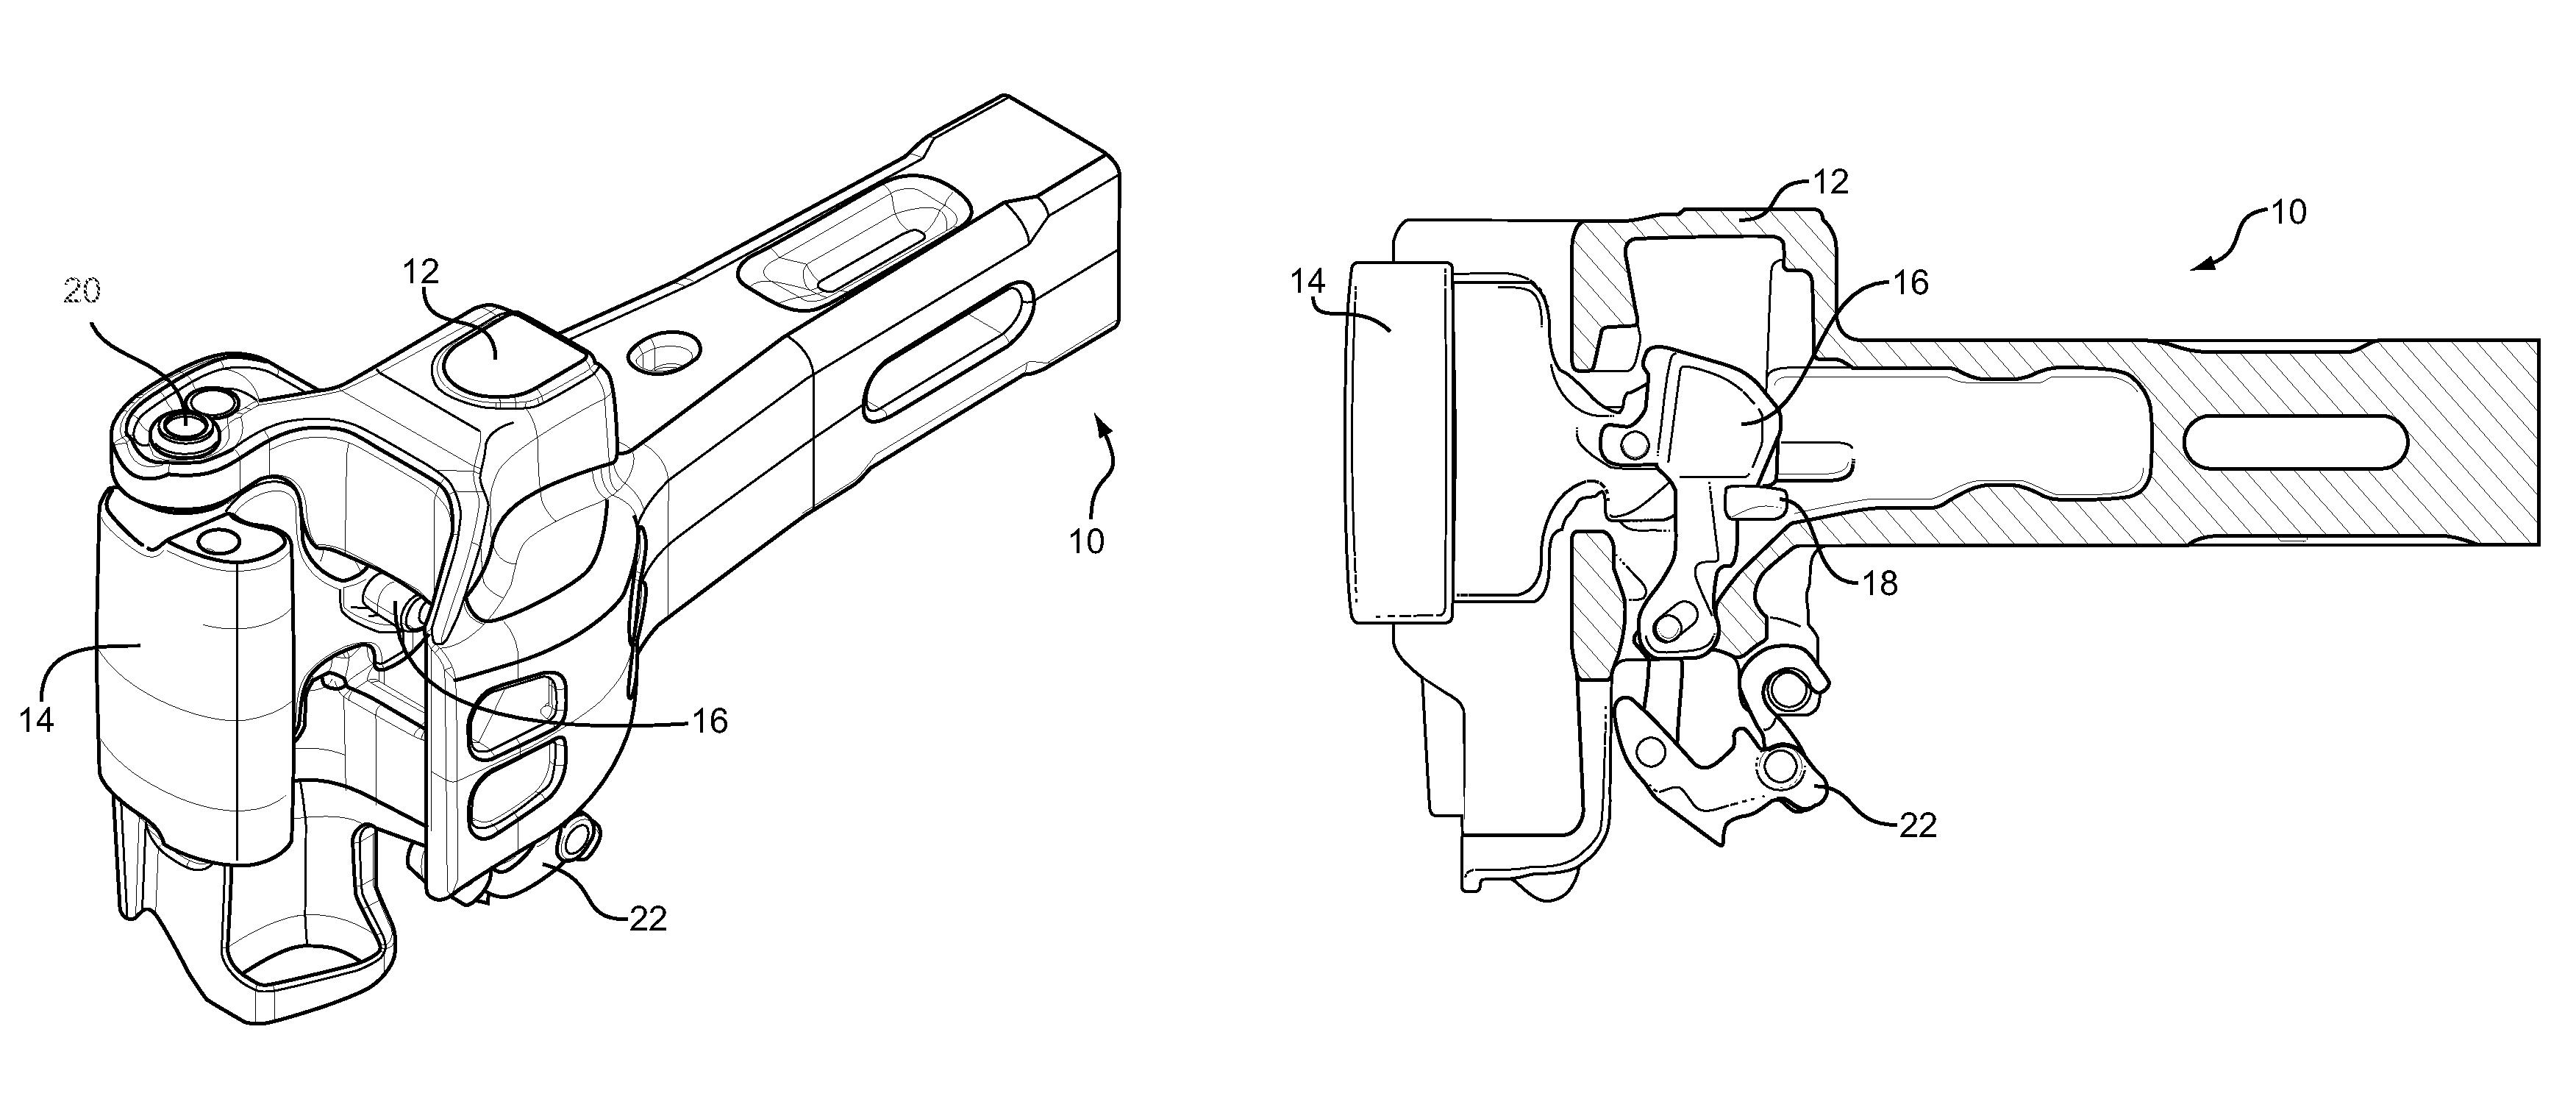 patent us8746473